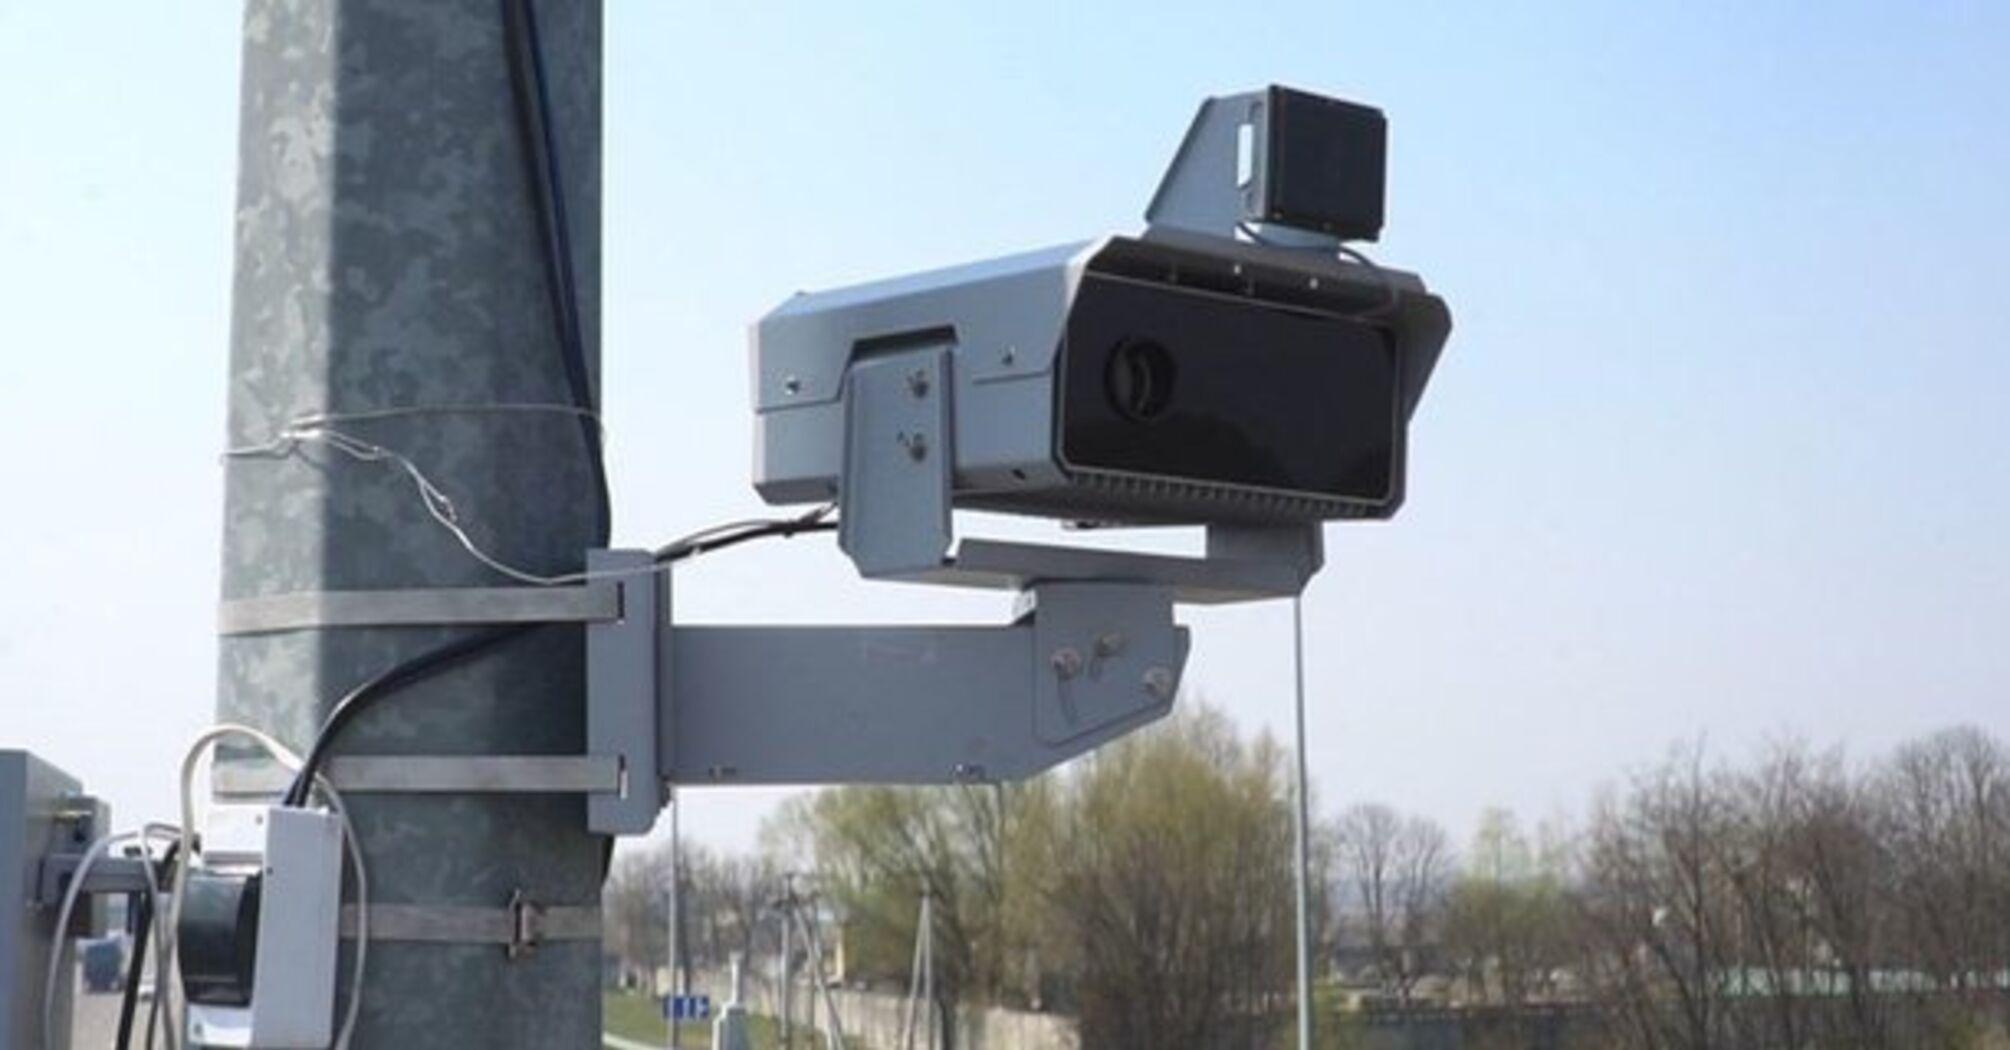 В Україні запускають відеофіксацію порушень ПДР: остаточна дата